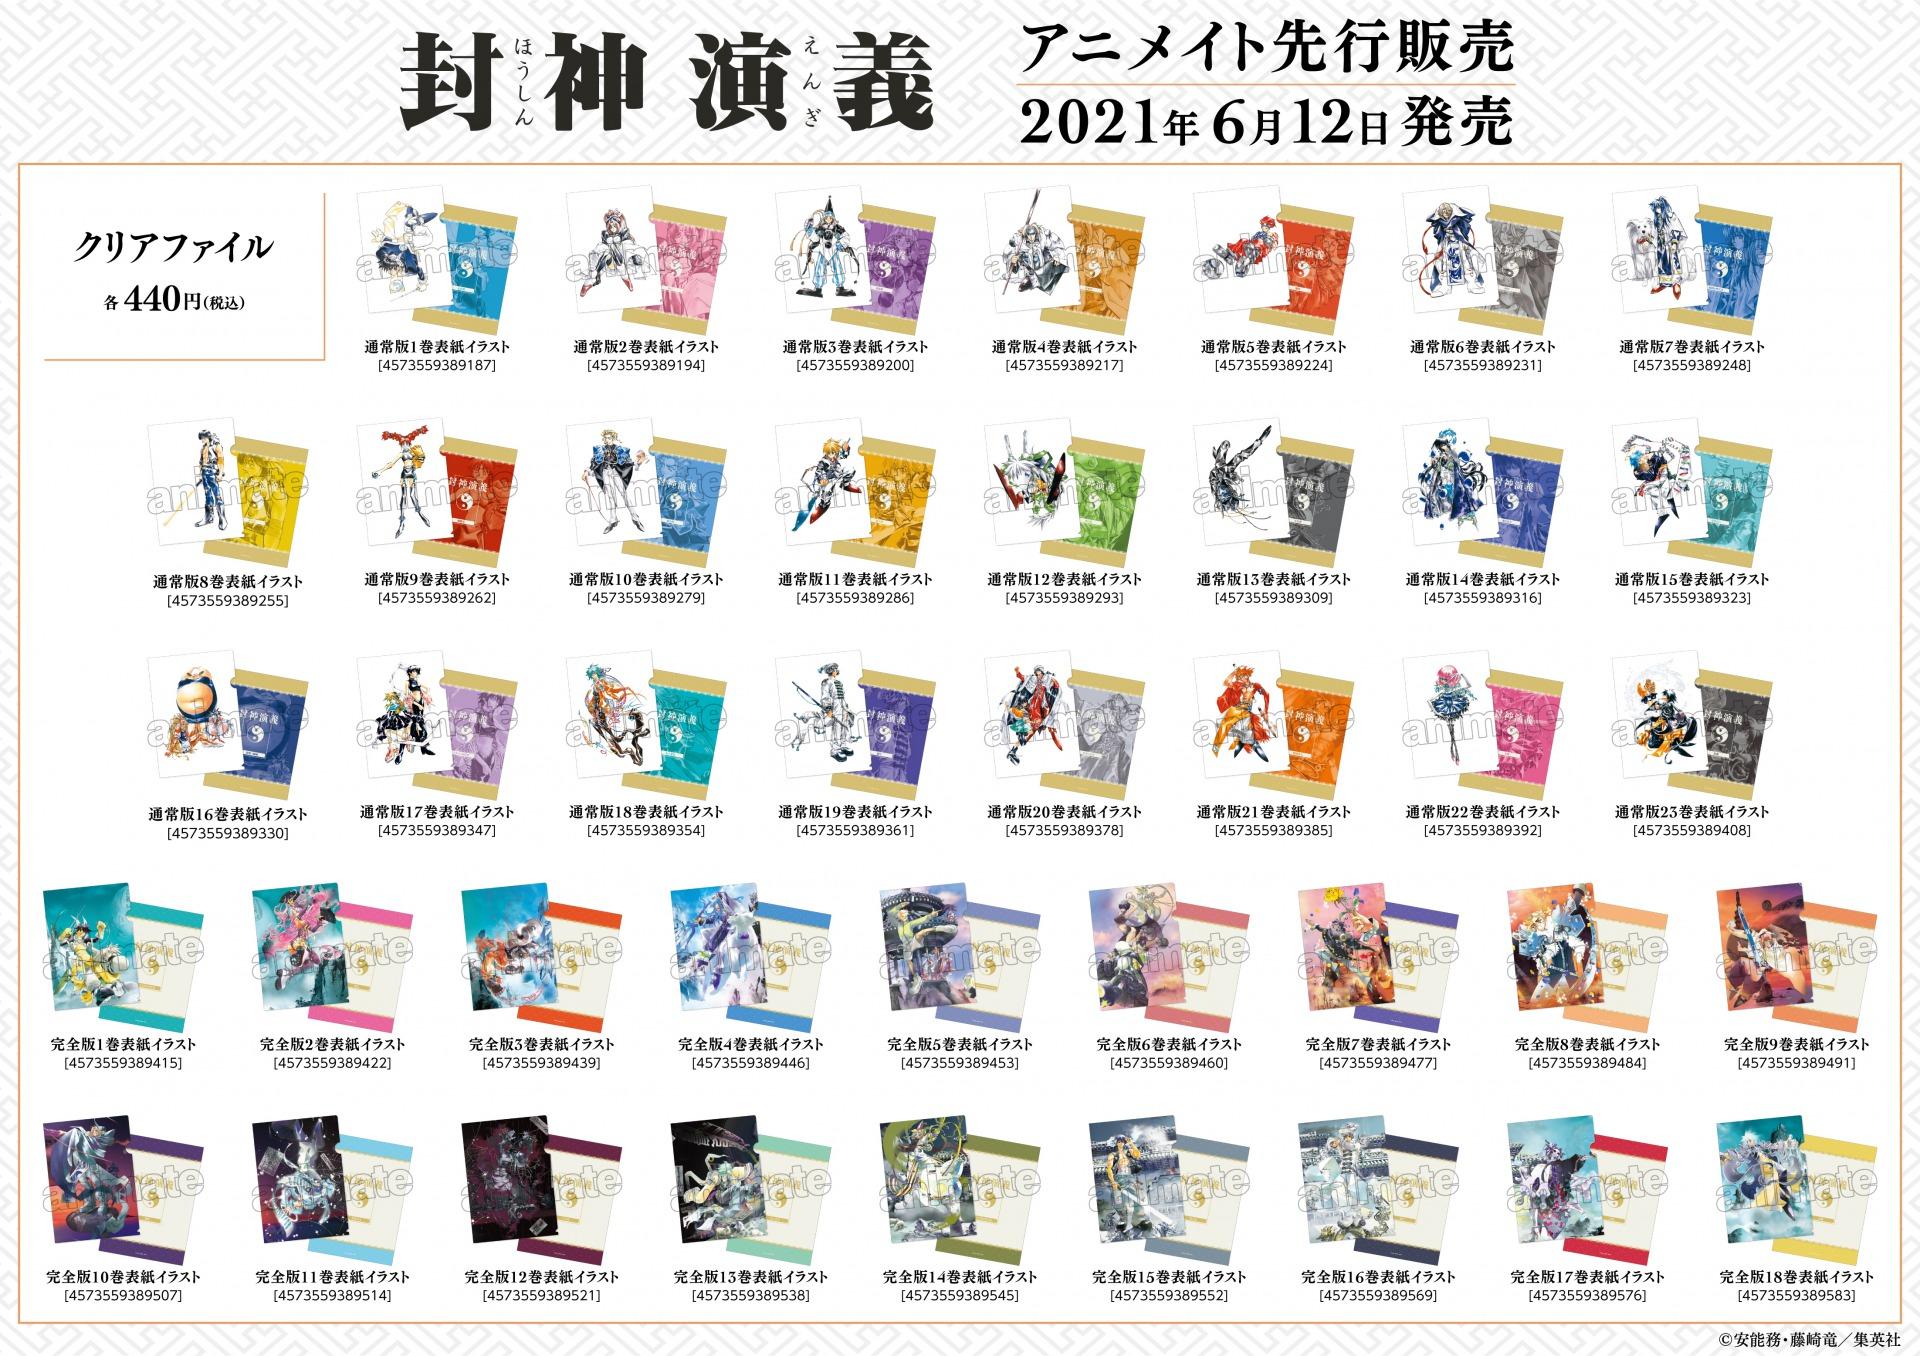 「封神演義」25周年記念 アニメイトフェア 先行販売グッズ クリアファイル